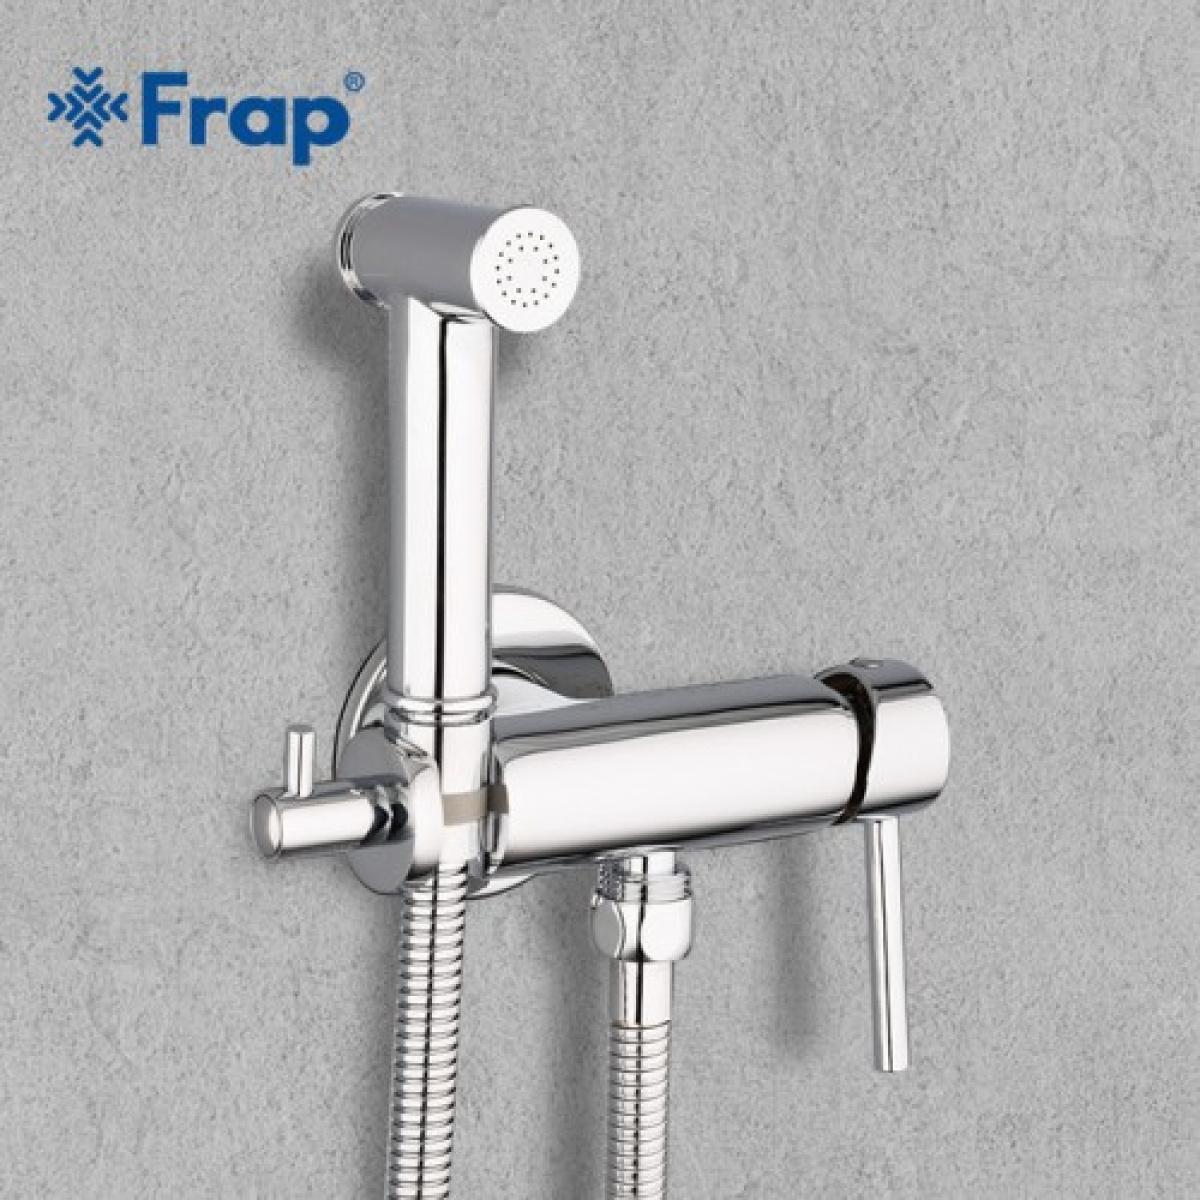 Гигиенический душ со смесителем латунь/хром frap f7507